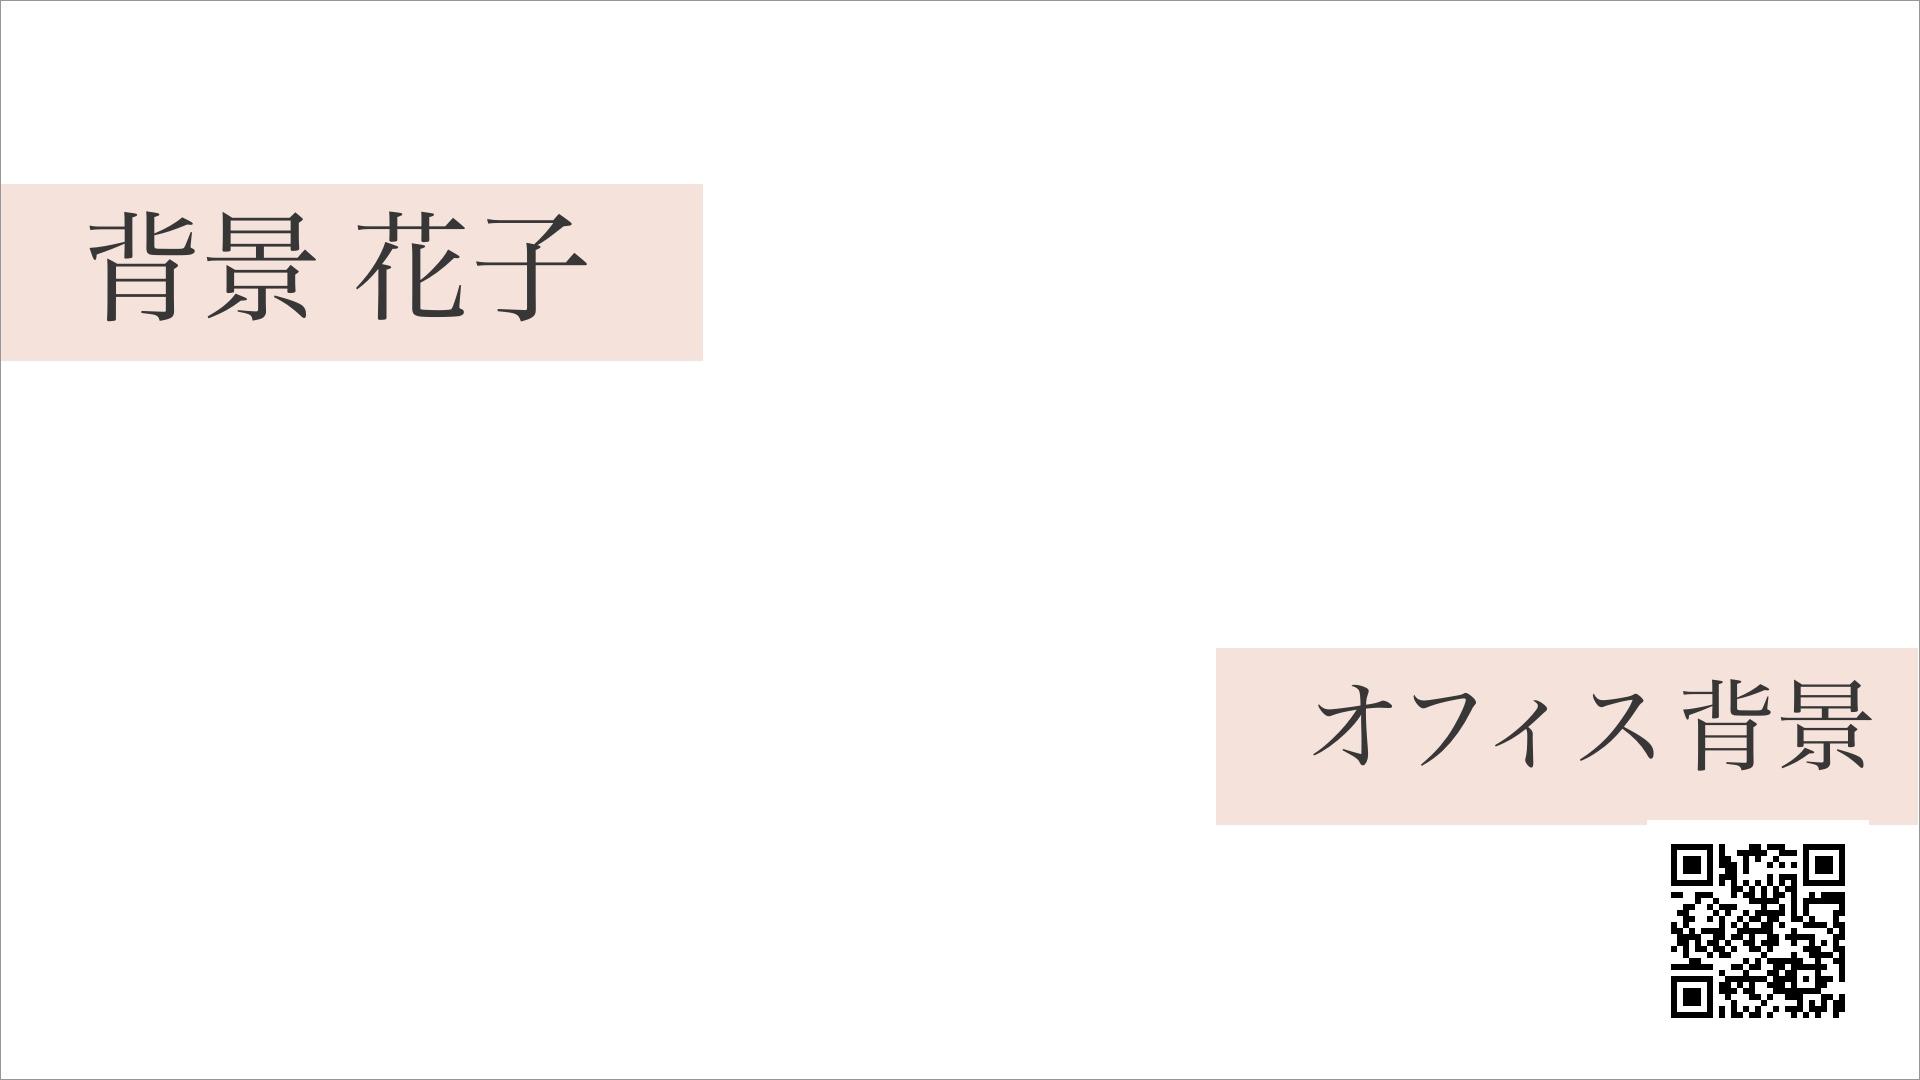 バーチャル背景名刺01の無料バーチャル背景素材